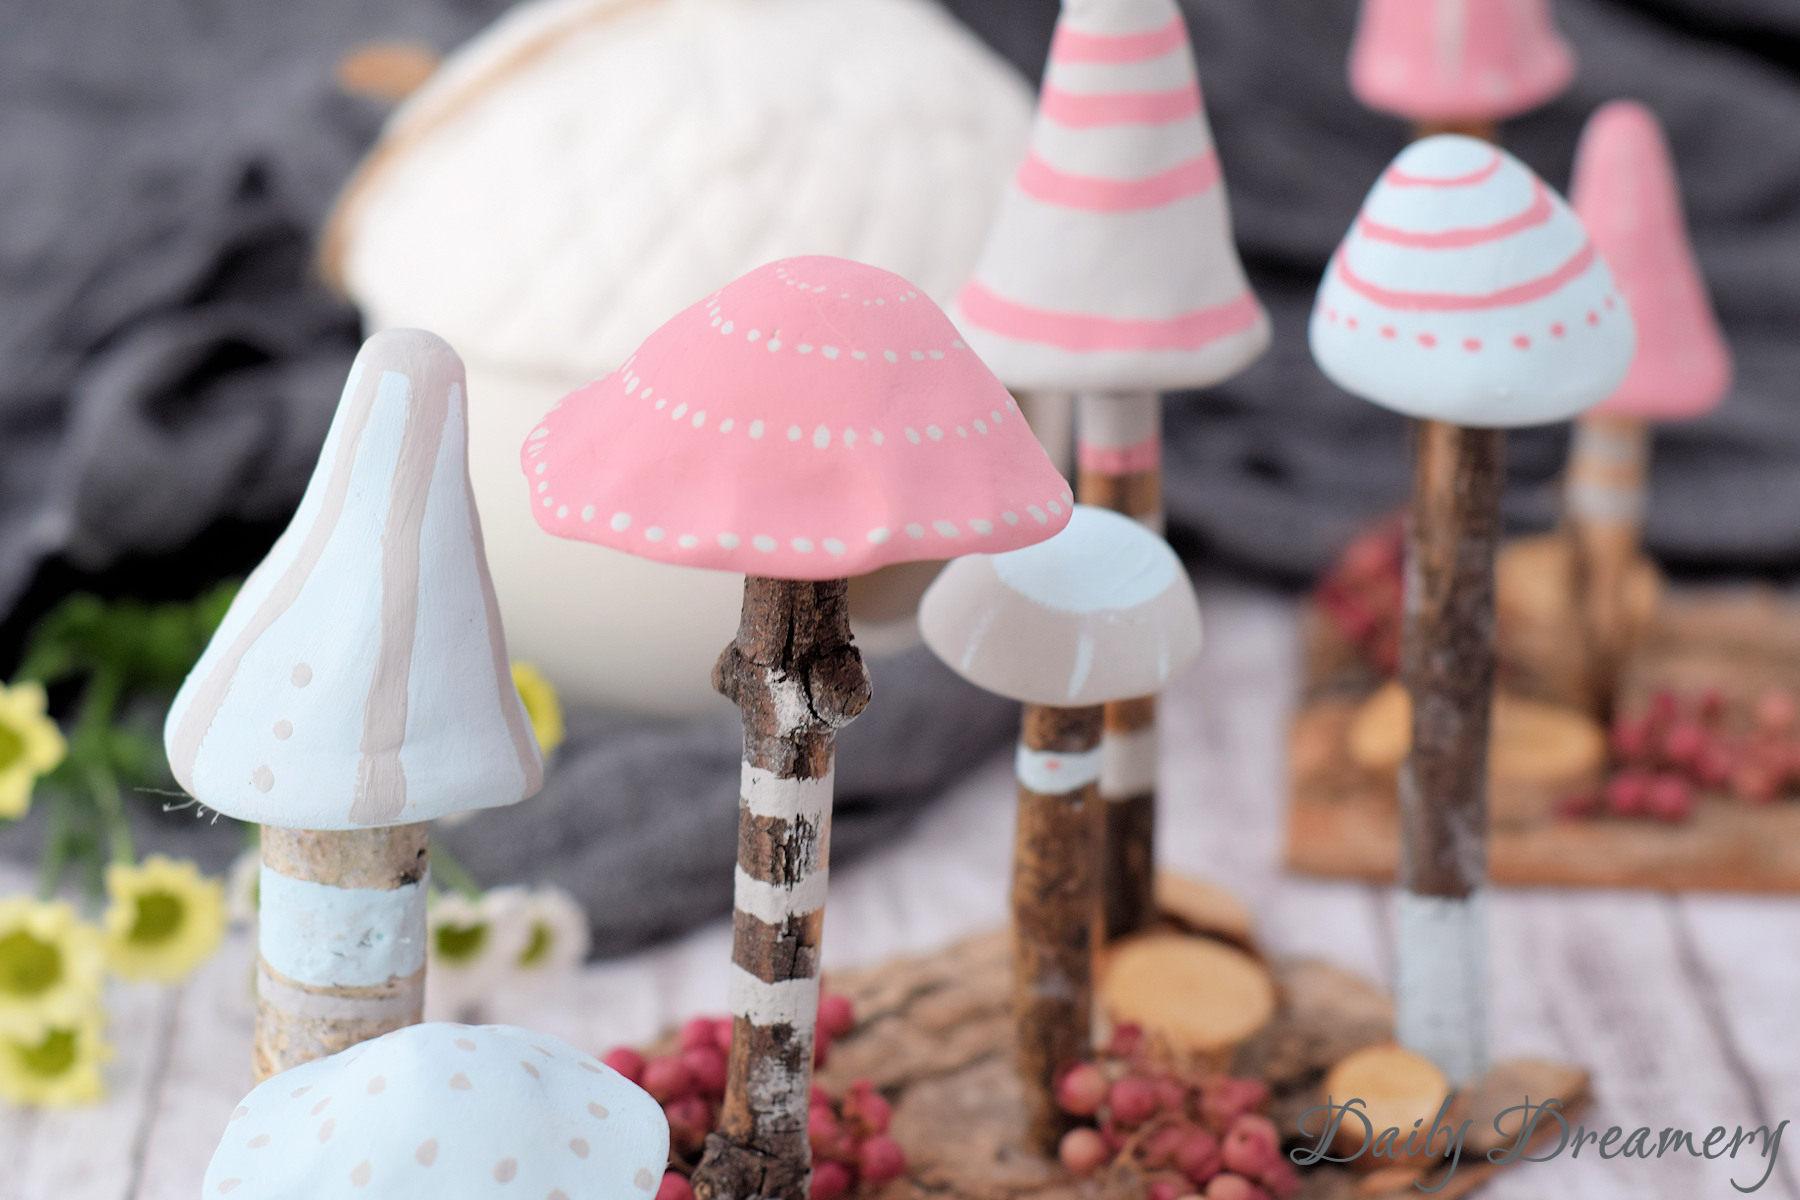 Zauberhafte Mini-Pilze sorgen für magische herbstliche Stimmung in deinem Zuhause. DIY-Anleitung #diyanleitung #herbst #dekoration